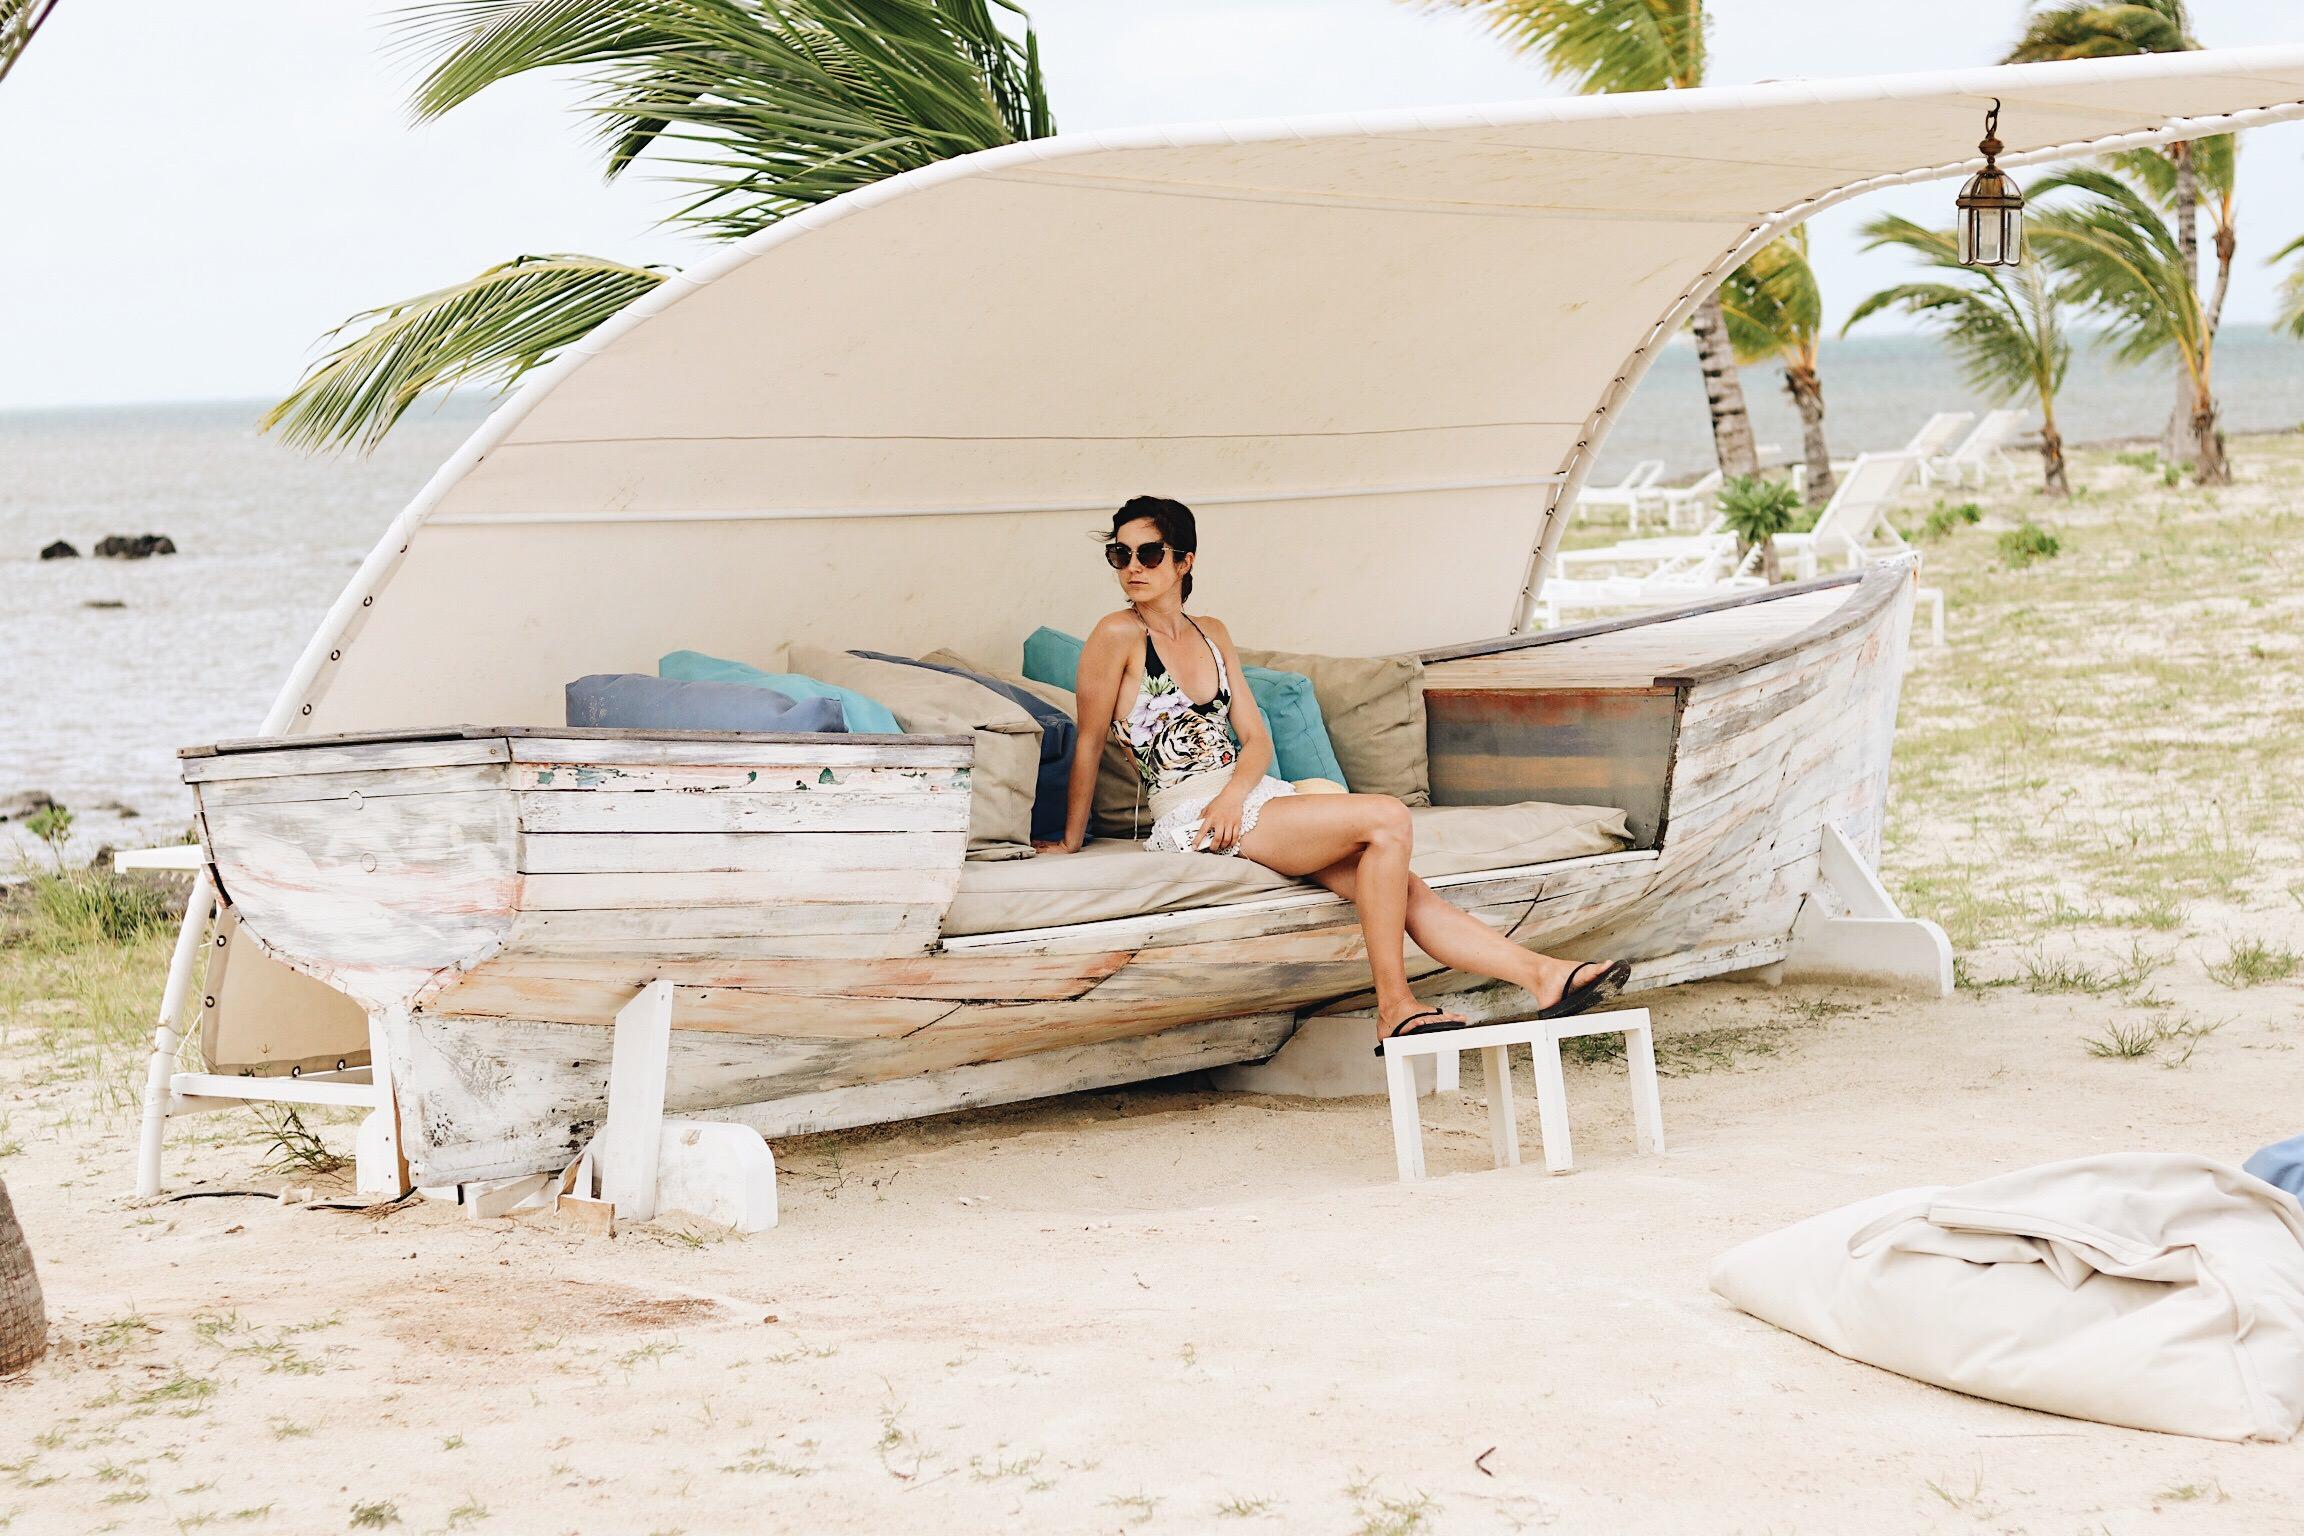 Mauritius-reisetipps-travelblog-reiseblog